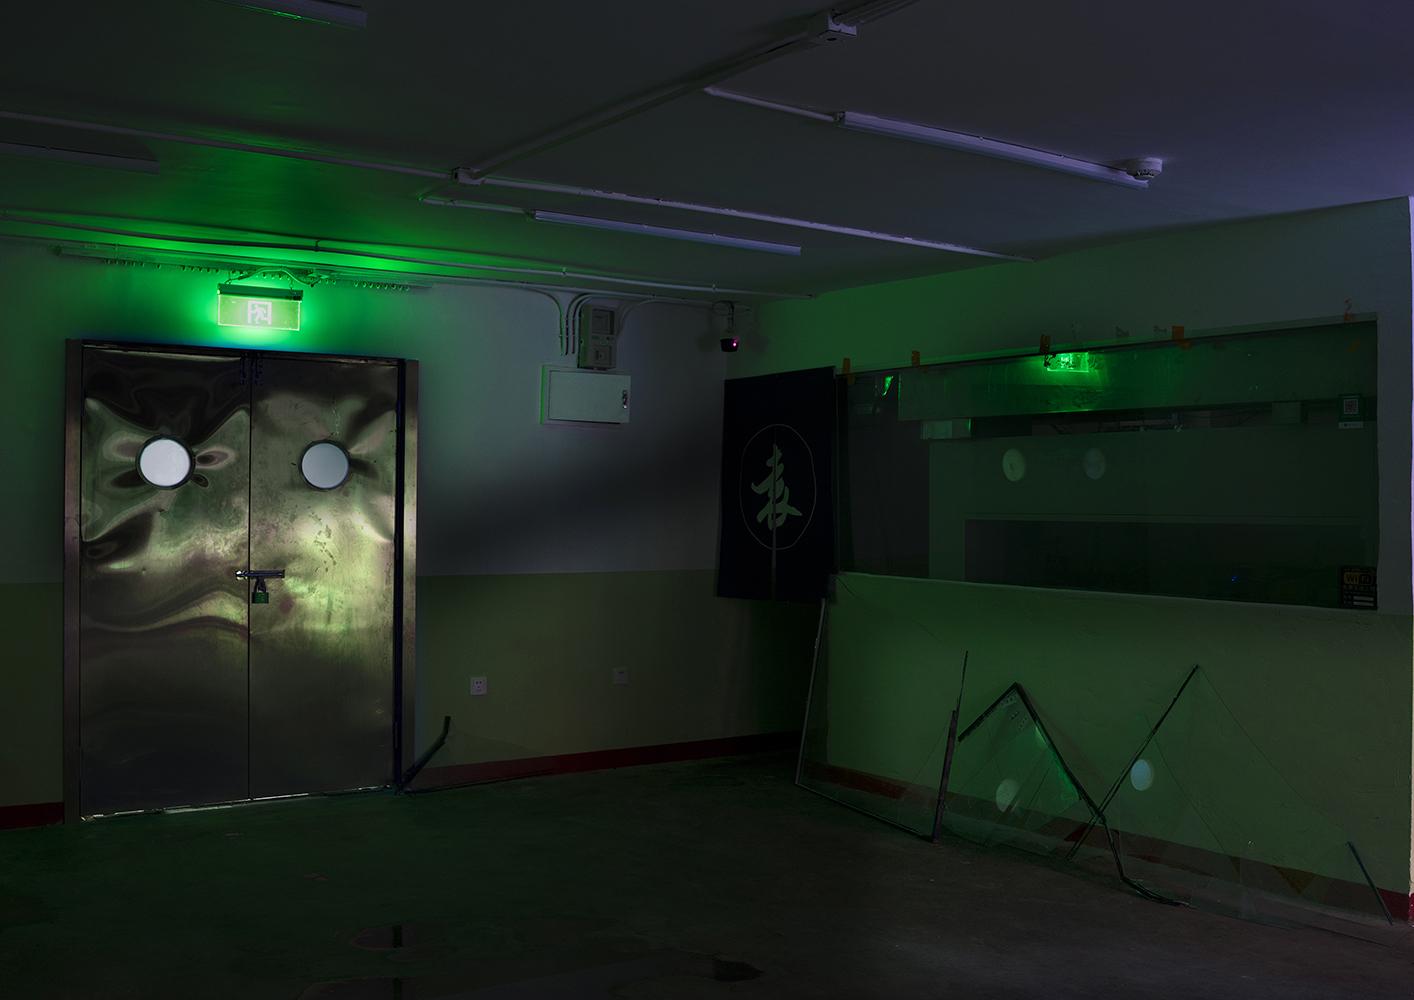 © Anna Lehmann-Brauns, Beijingn Series, Grüner Raum, Beijing